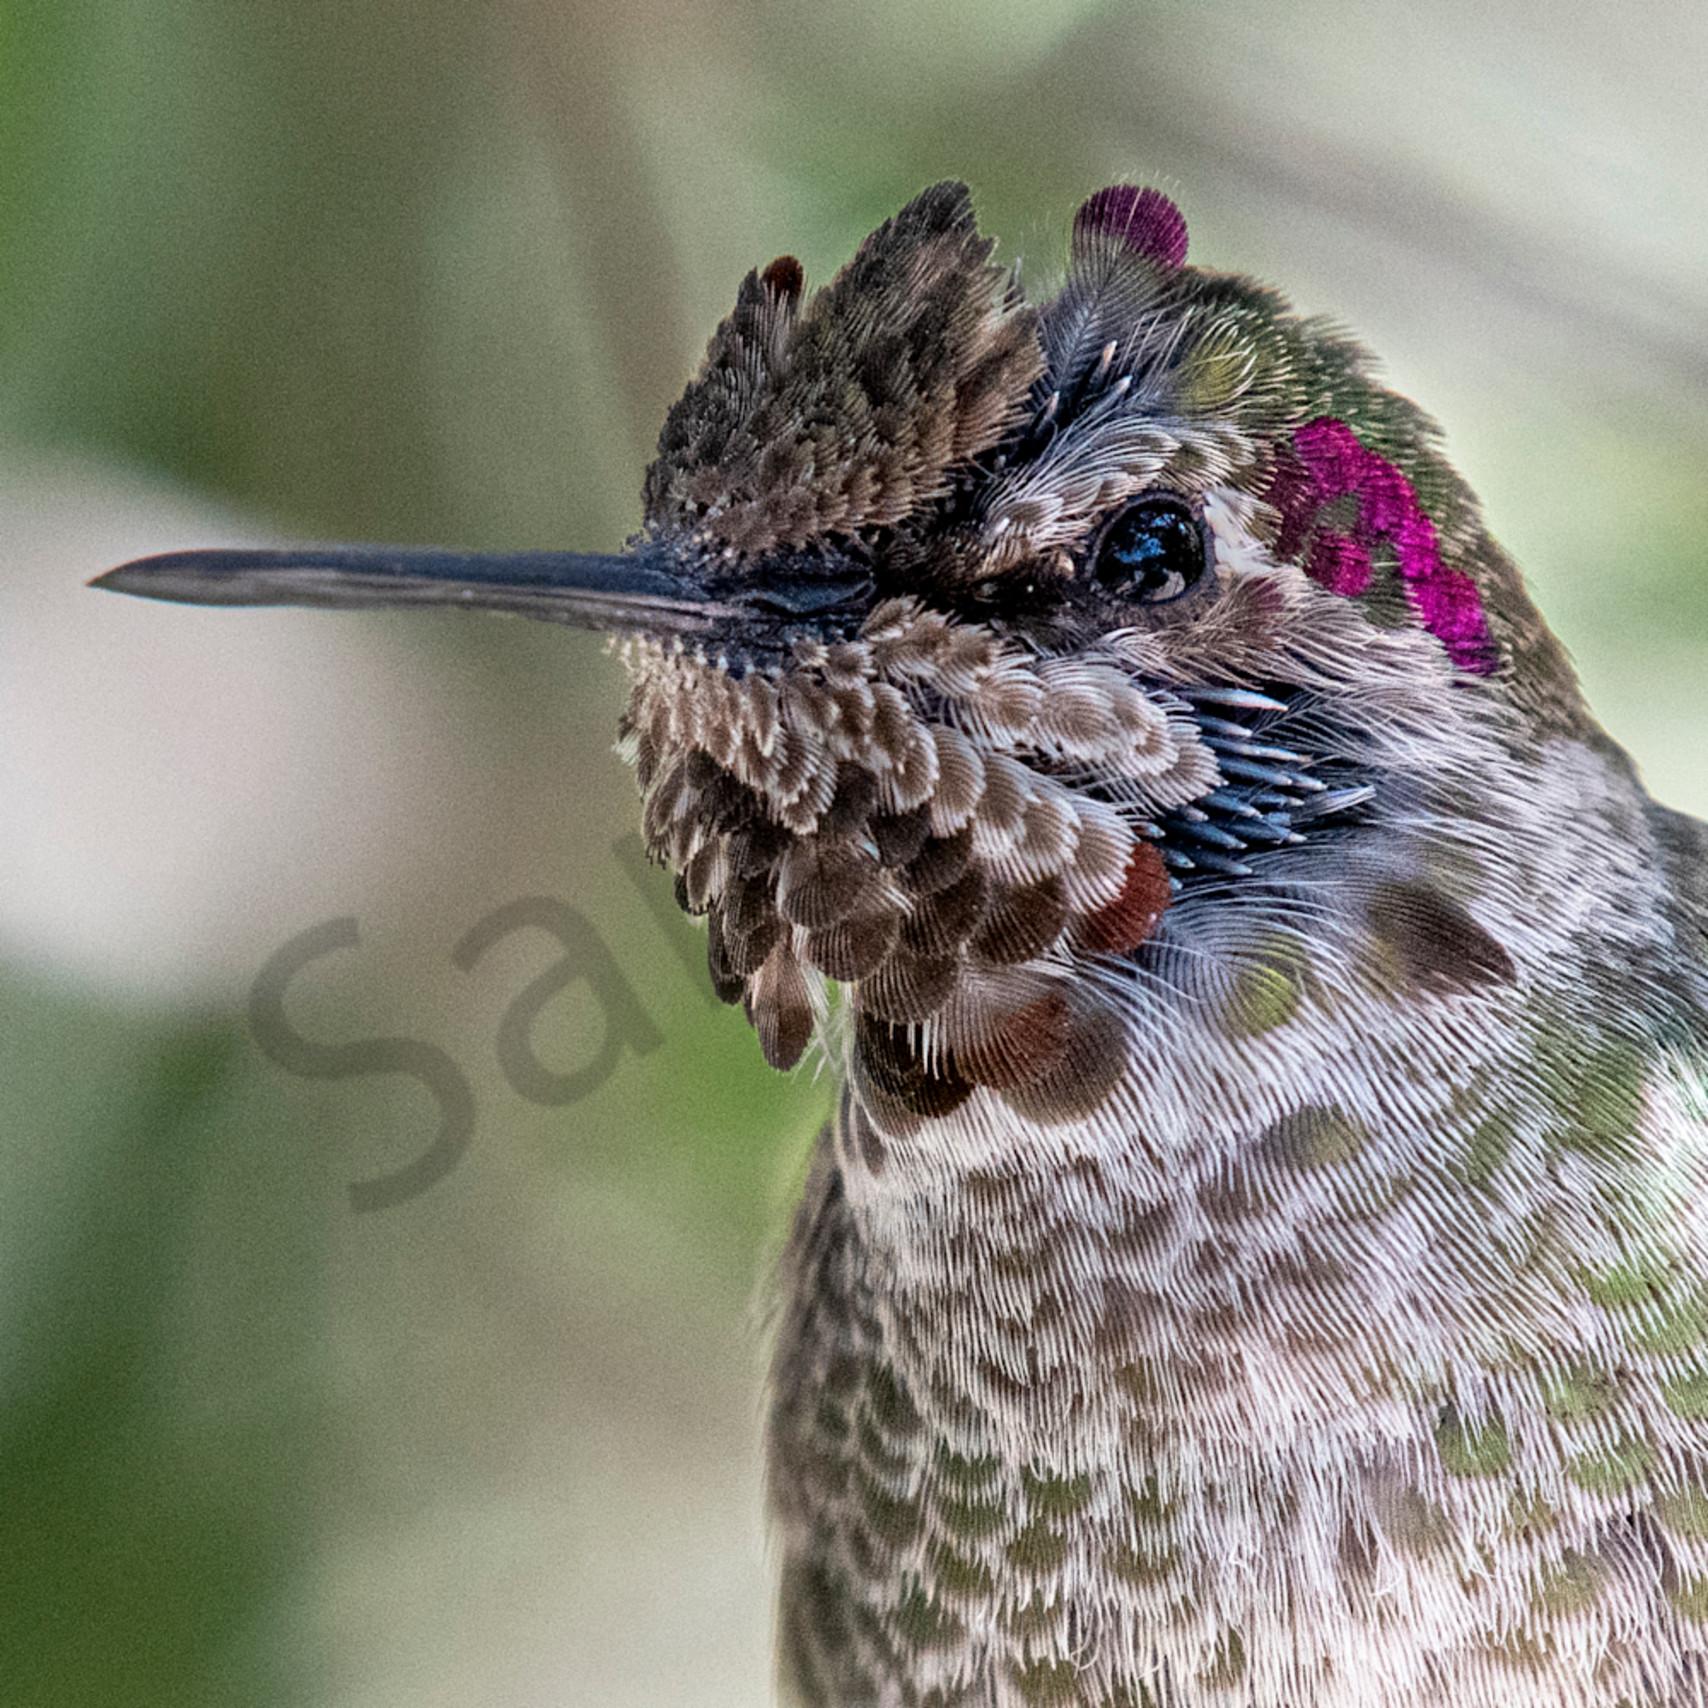 Hum bird beautiful closeup copy p1hlfm